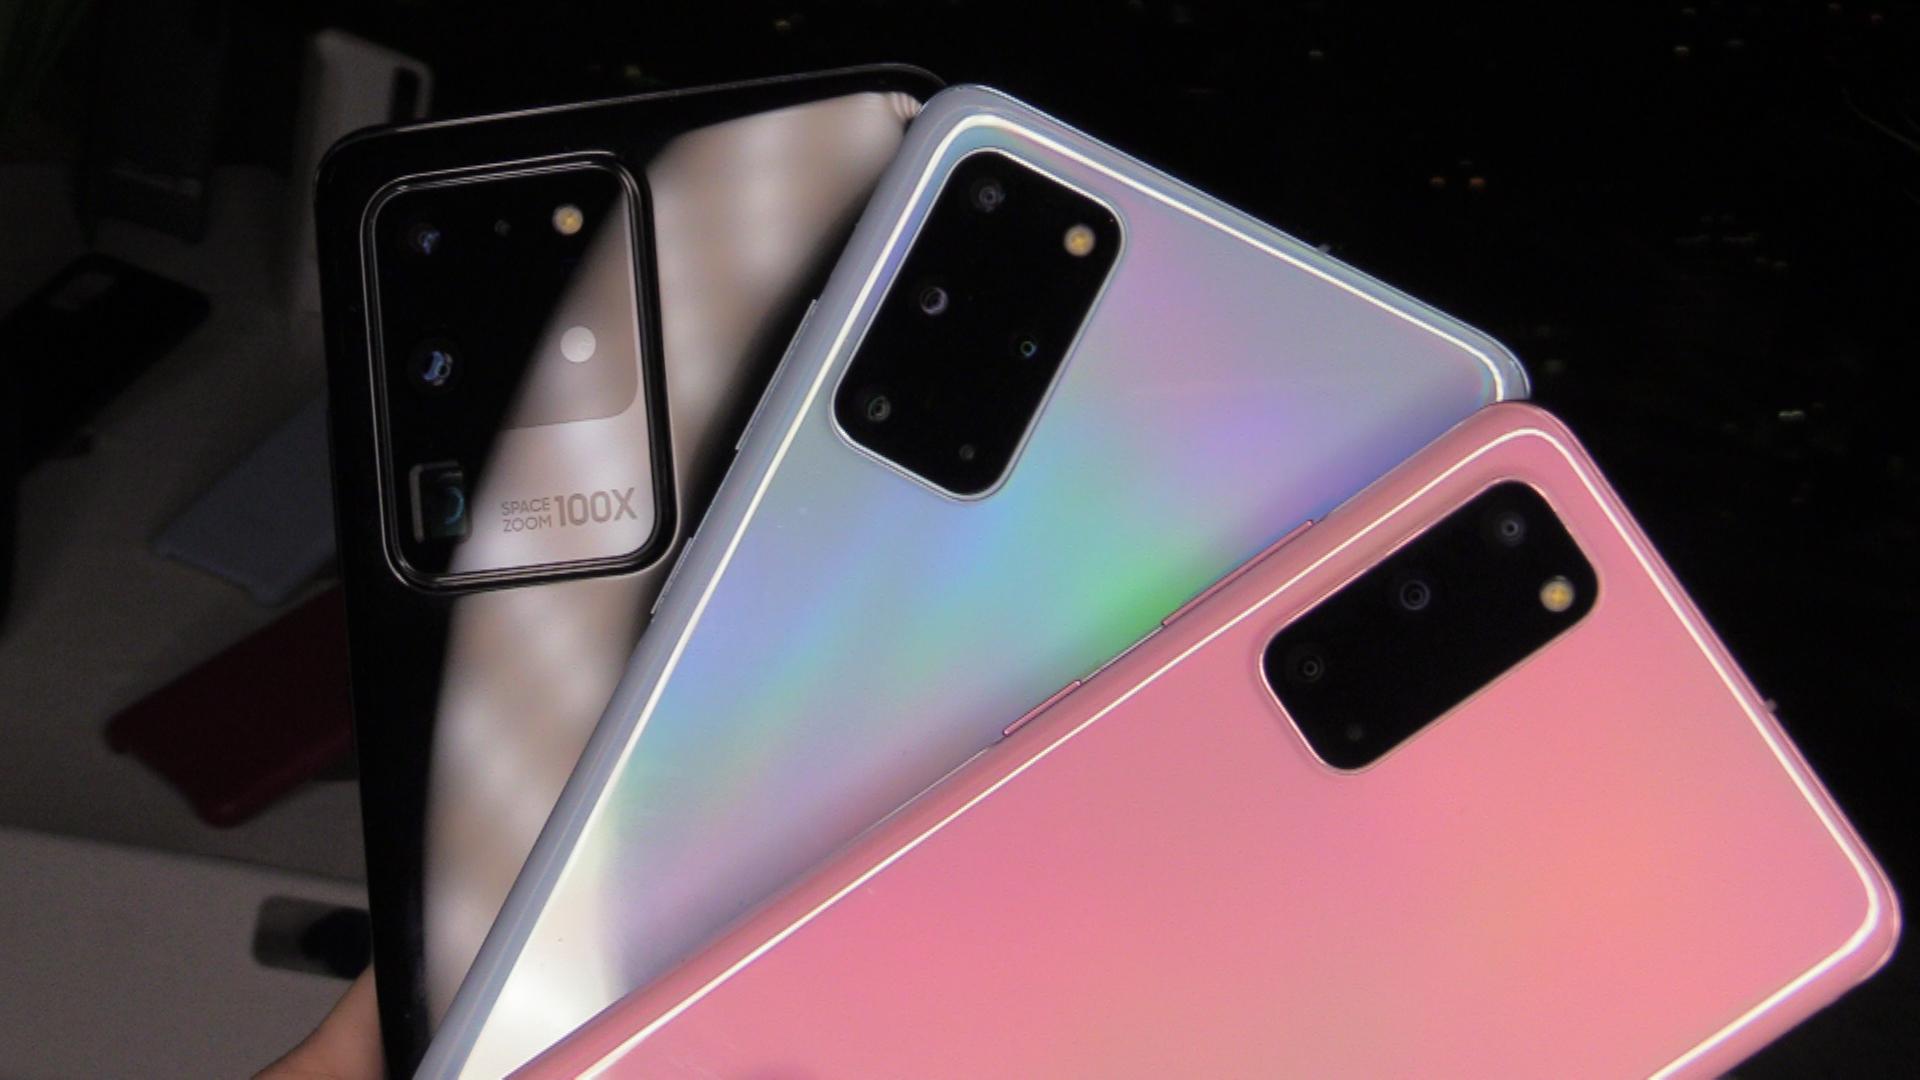 galaxy-s20-conoce-todos-los-detalles-de-los-nuevos-telefonos-de-samsung